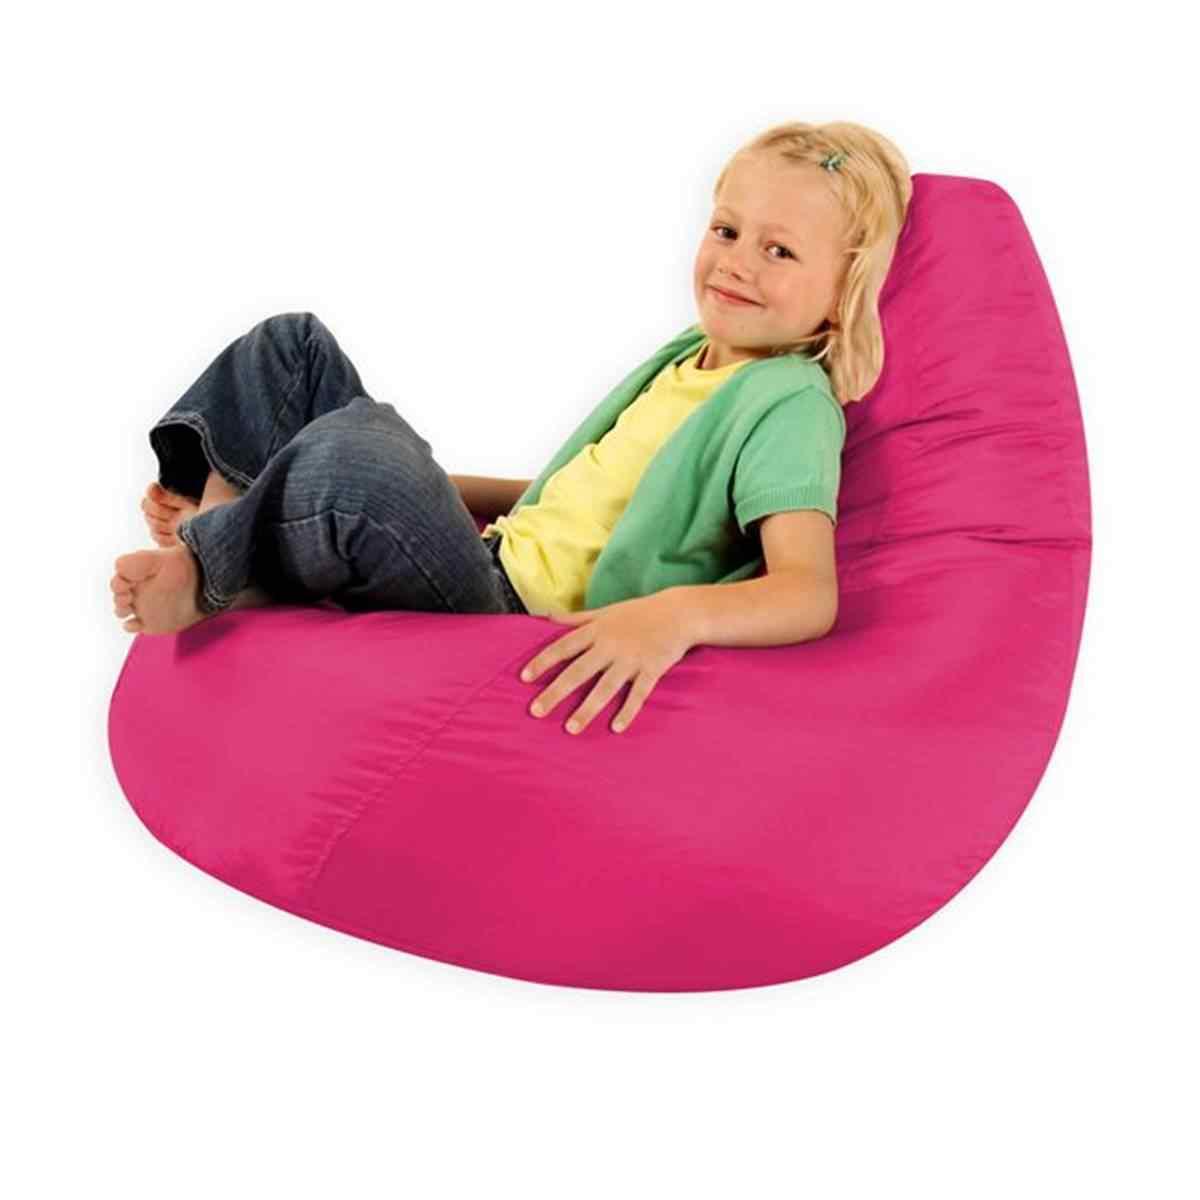 Детское Кресло-мешок чехлы для диванов диван для отдыха Османской сиденье мебель гостиной без наполнителя погремушка кровать пуф диван татами